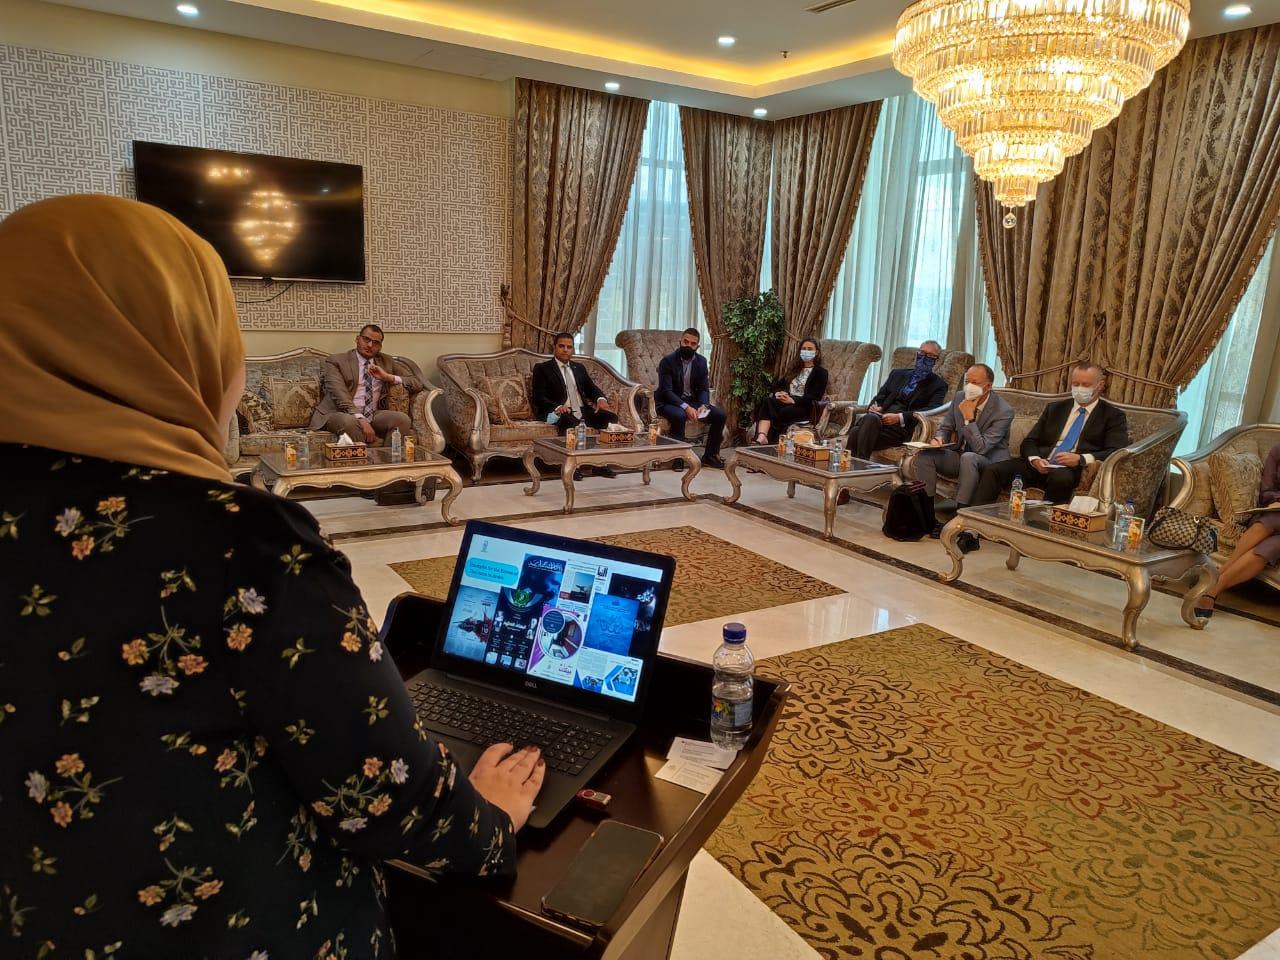 مرصد الأزهر يستقبل وفدًا من ممثلي سفارات الاتحاد الأوروبي